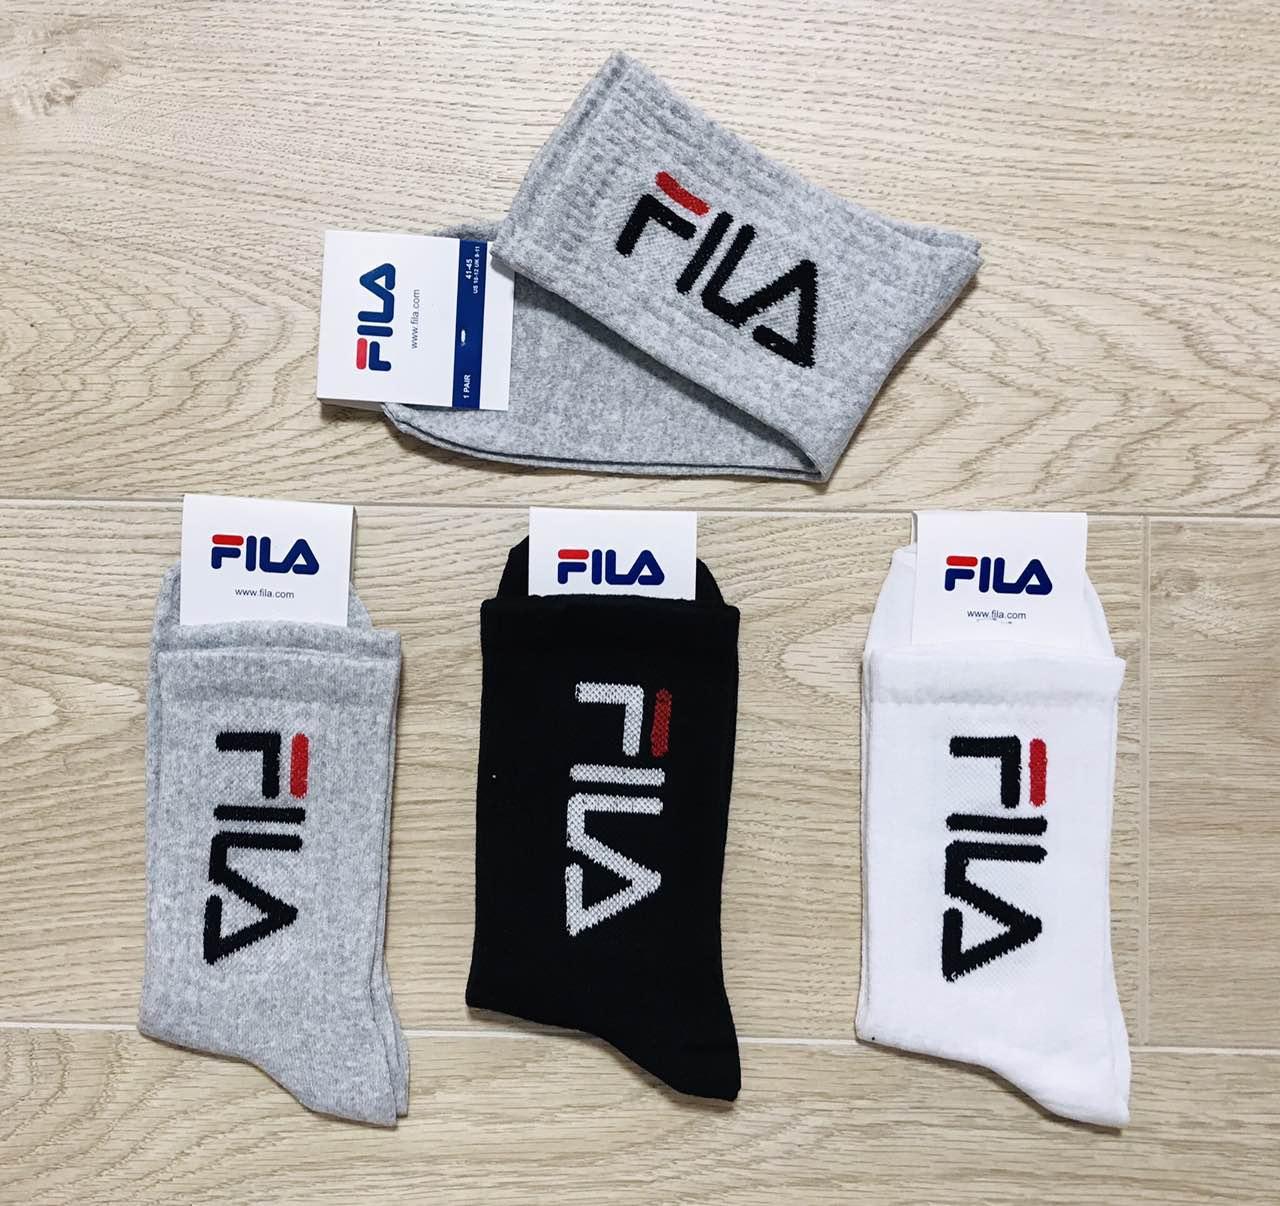 Носки спортивные демисезонные хлопок FILA размер 41-45 ассорти высокие